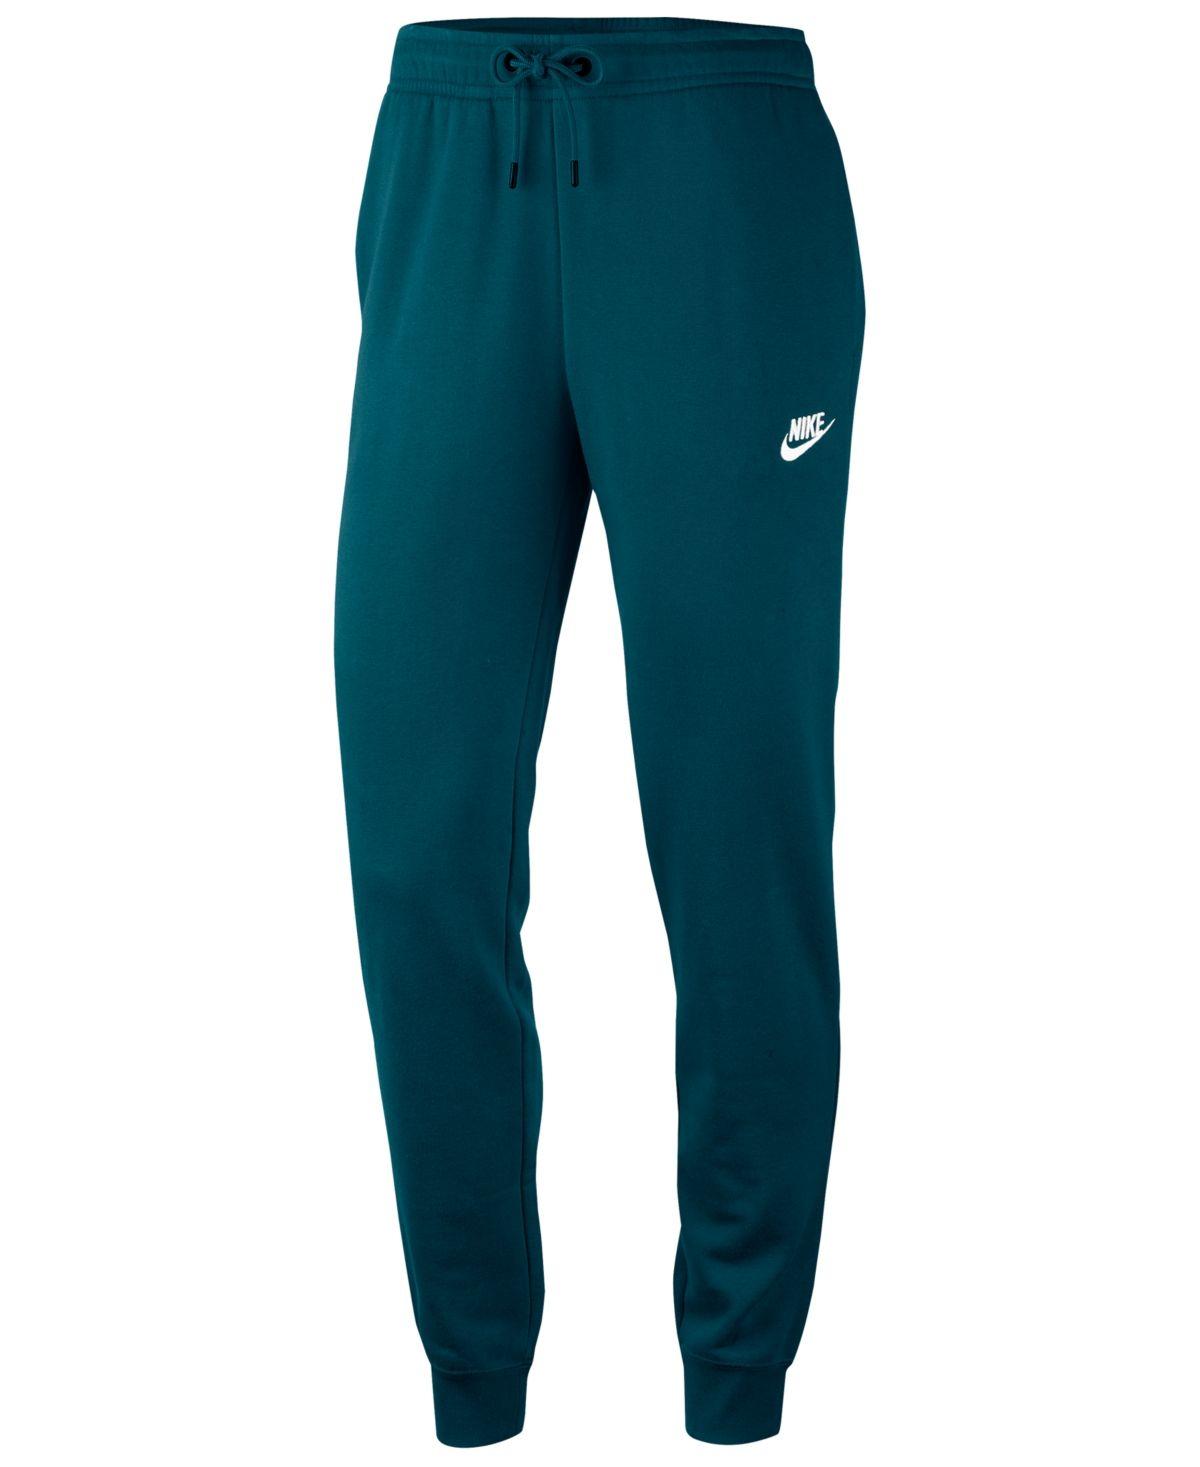 Nike Women S Sportswear Essential Fleece Joggers Reviews Pants Leggings Women Macy S In 2020 Nike Women Outfits Sportswear Women Womens Sweatpants